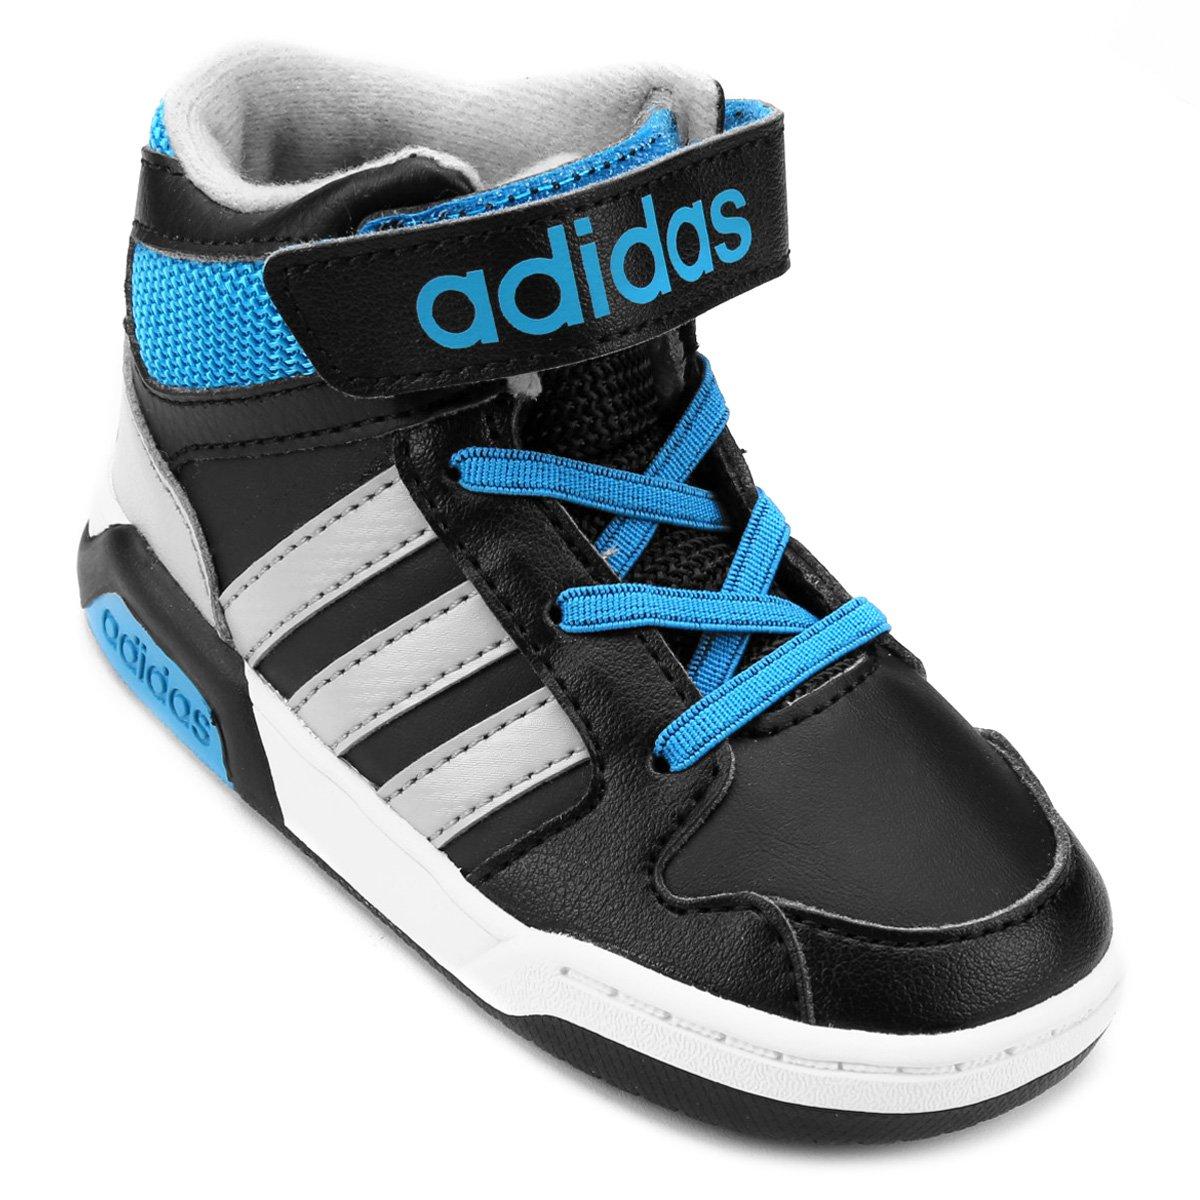 7abe948e01 Tenis Adidas Infantil Preto E Azul - naturallycurlye.com